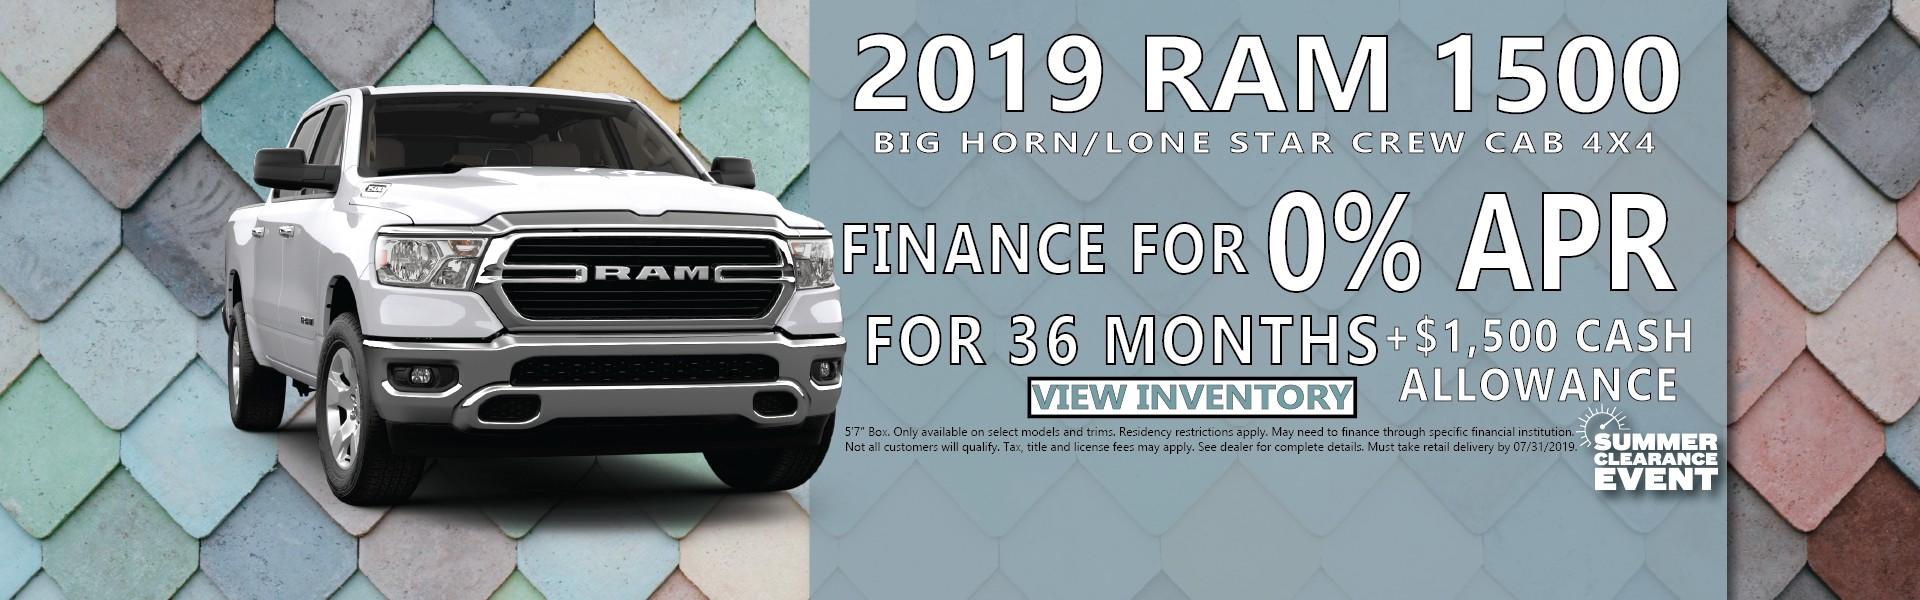 2019 Ram 1500 Van Horn